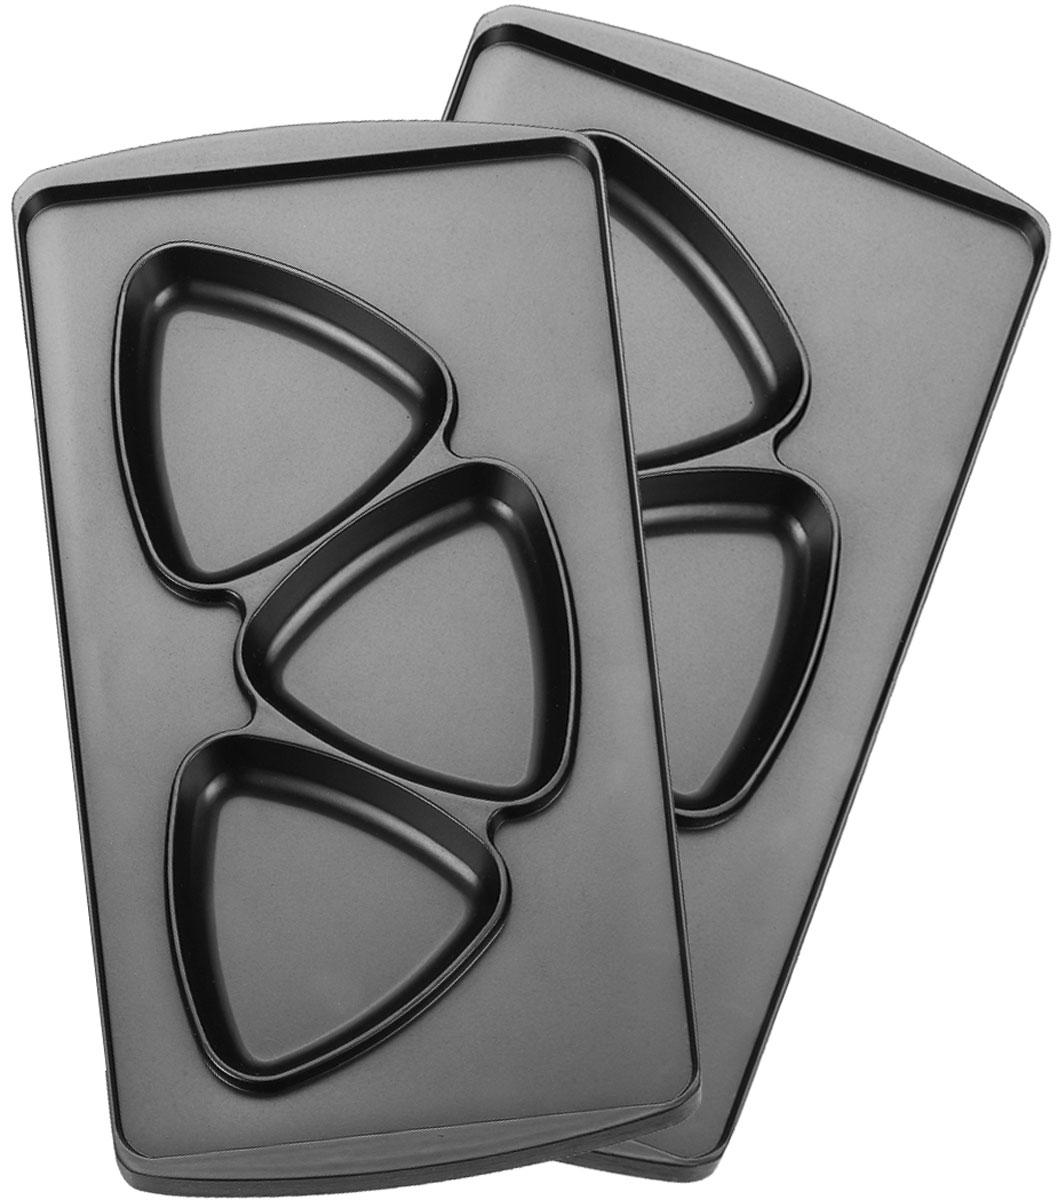 Redmond RAMB-07 панель для мультипекаряRAMB-07Универсальные съемные панели для любого мультипекаря REDMOND!Позволят приготовить сладкое печенье, бисквитные пирожные, небольшие пирожки с разнообразными начинками или сырники для завтрака.Панели изготовлены из металла с антипригарным покрытием – они долговечны и легки в уходе.